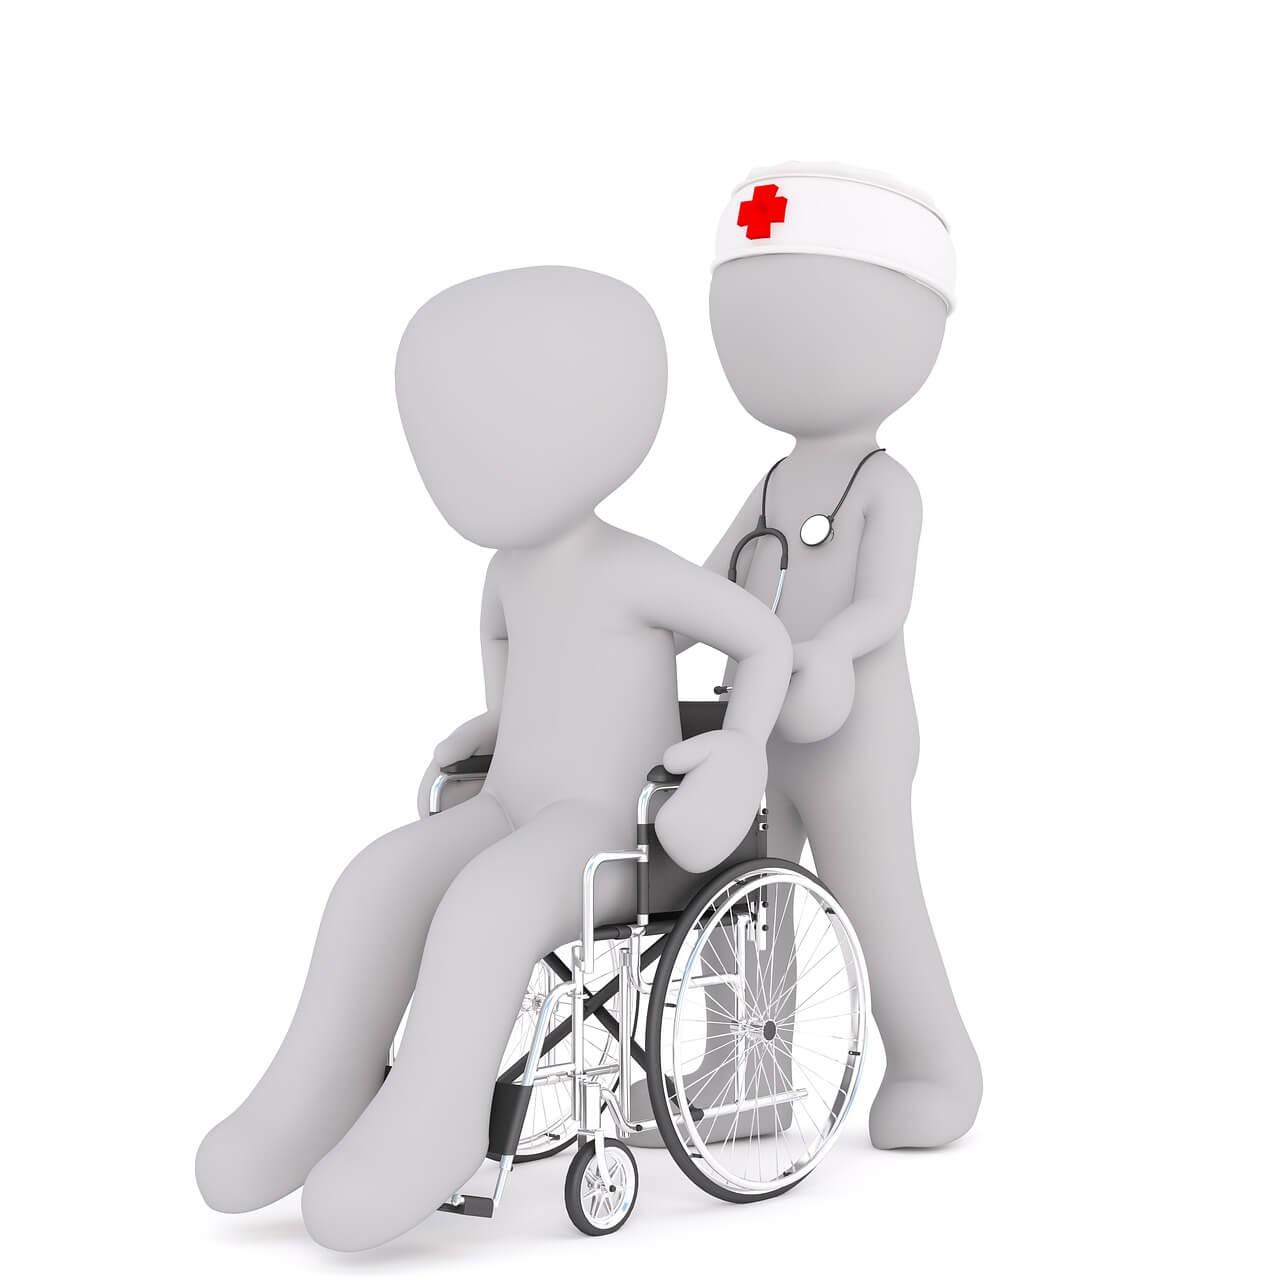 Behinderte und Pflegebedürftige: Welche Pflegegrade der Hilflosigkeit entsprechen